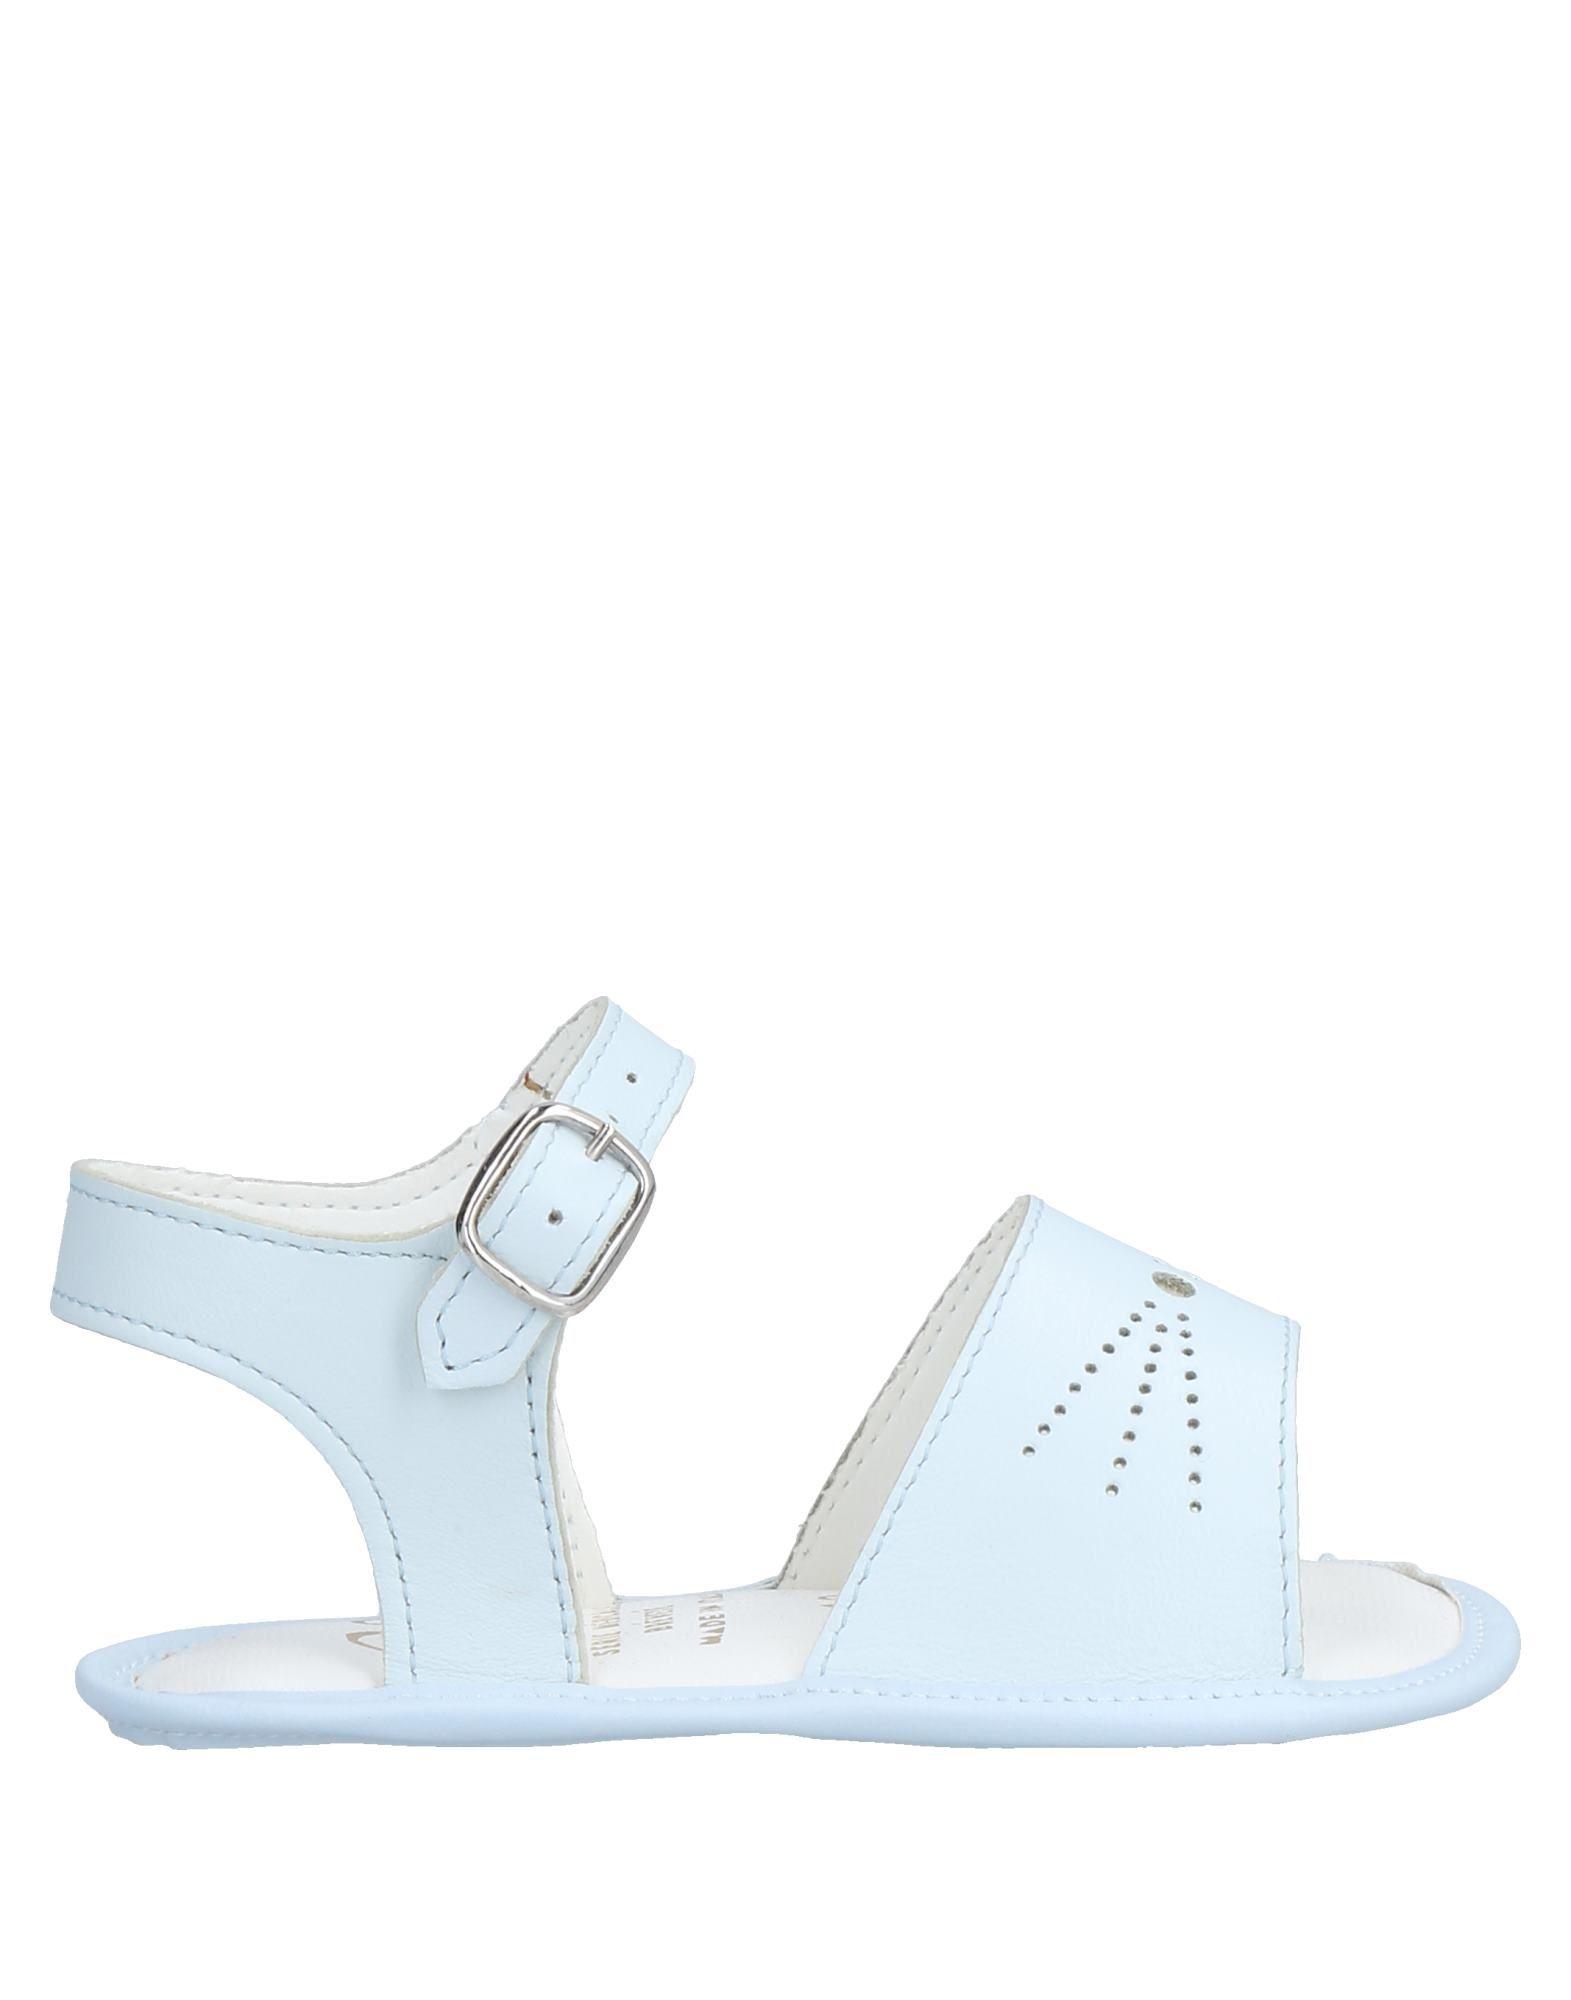 PÈPÈ Обувь для новорожденных